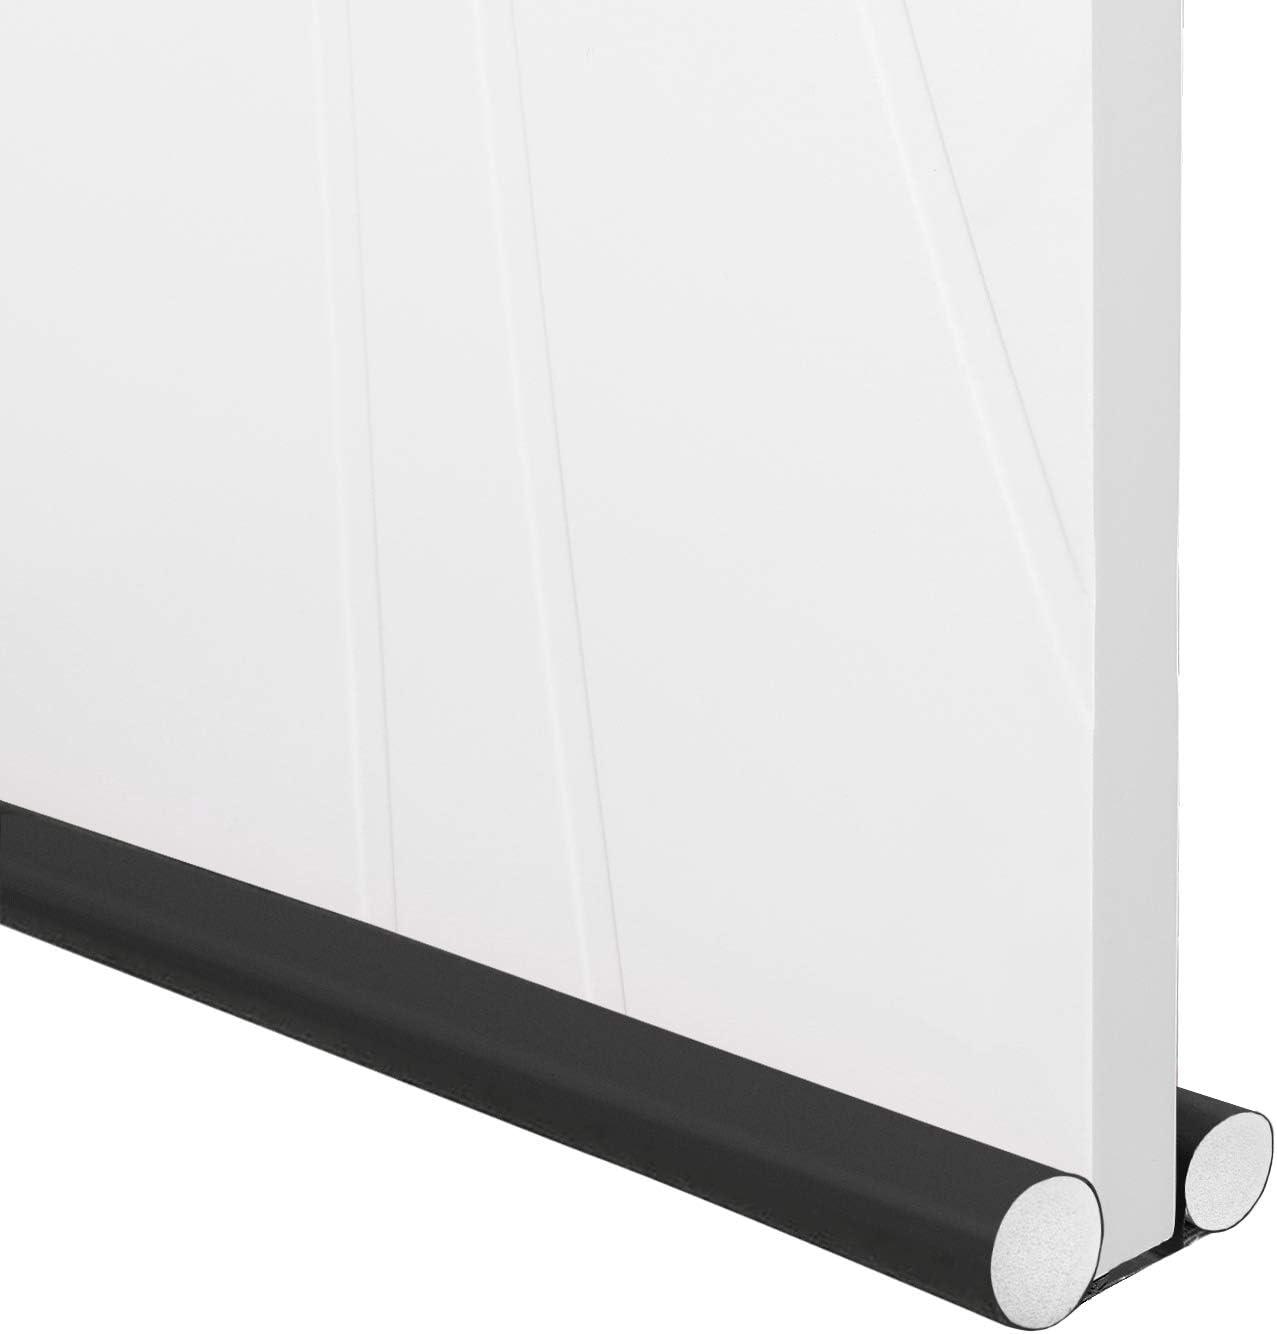 Trenect Door Draft Stopper Soundproof Noise Reduction Energy Saving Under Door Draft Stopper Adjustable Dust Proof 37 Inches Door Draft Blocker